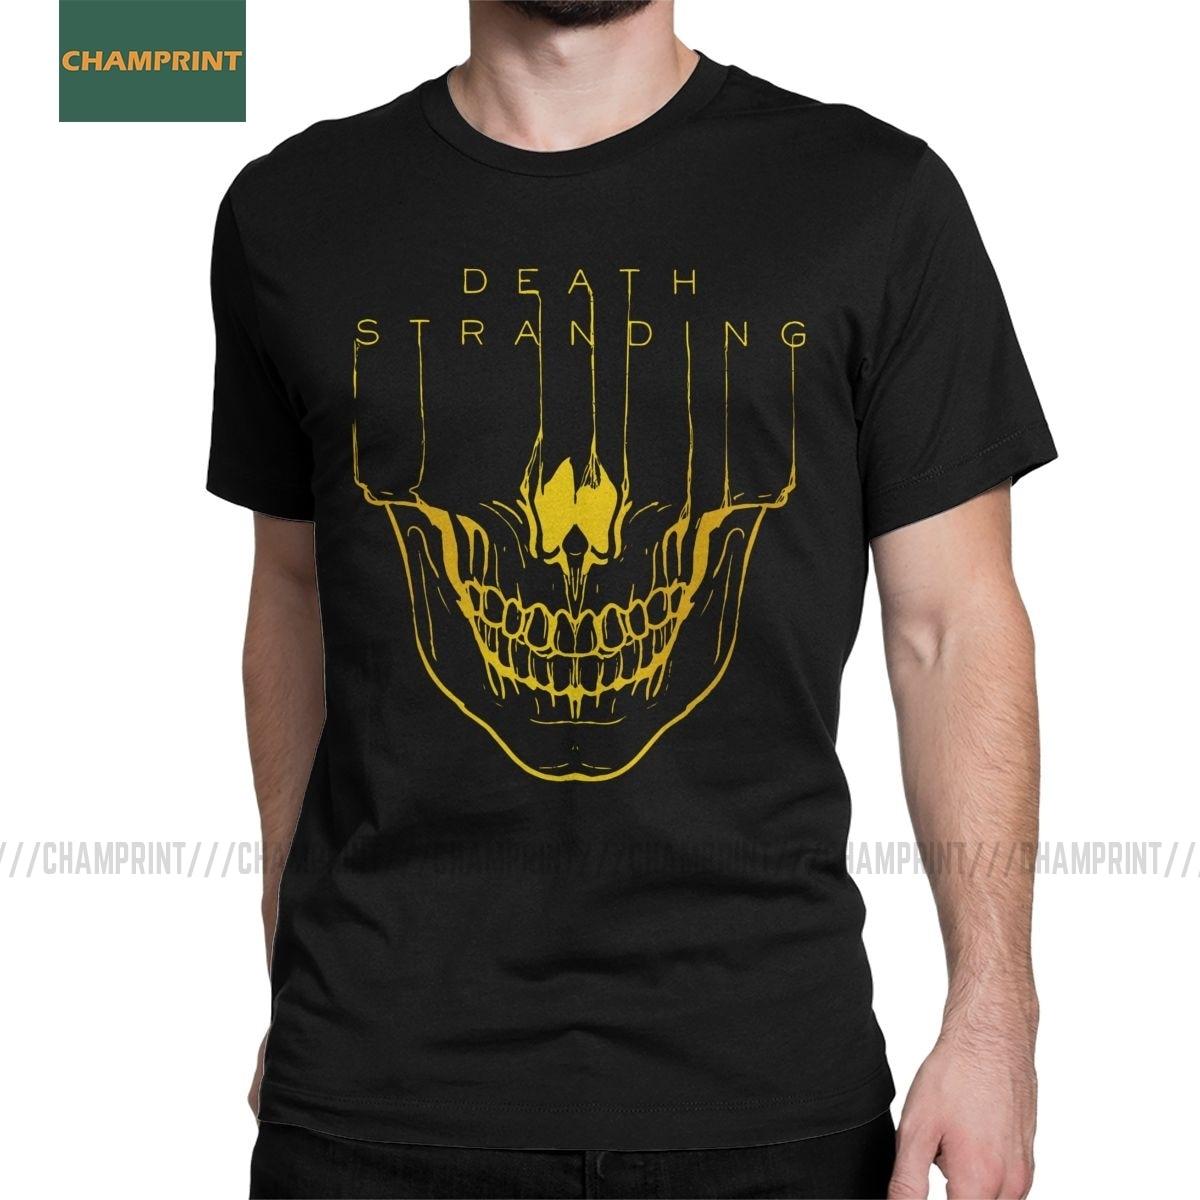 Camiseta para hombre, divertida Camiseta de algodón con estampado de la muerte, camiseta de manga corta Hideo Kojima Metal Gear Solid Reedus normando Game Mgs